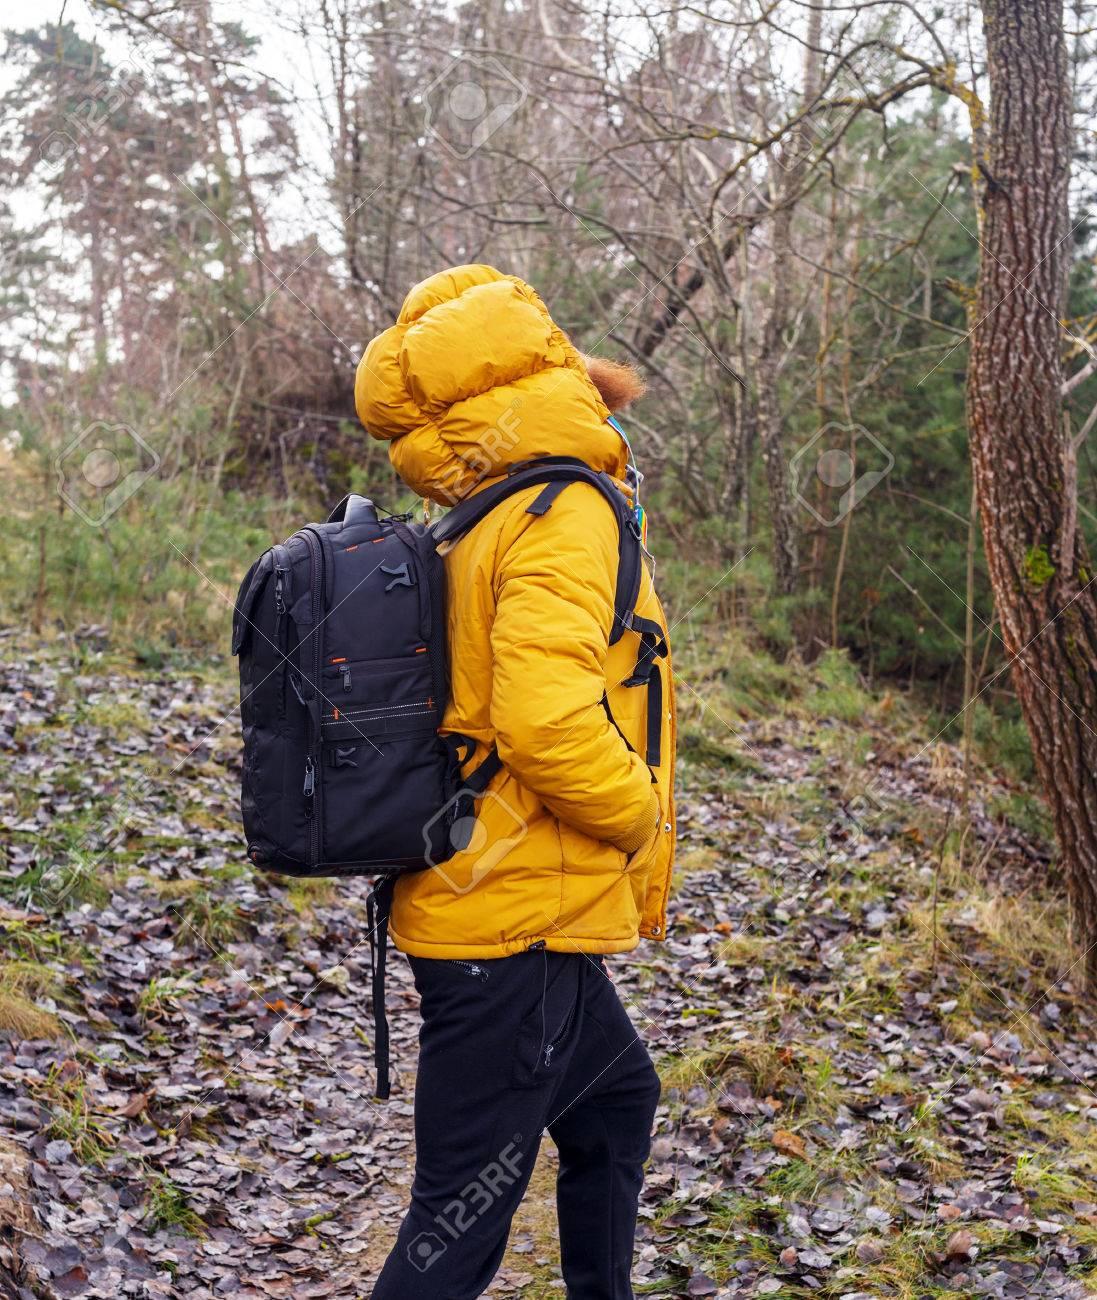 Veste jaune et noir homme